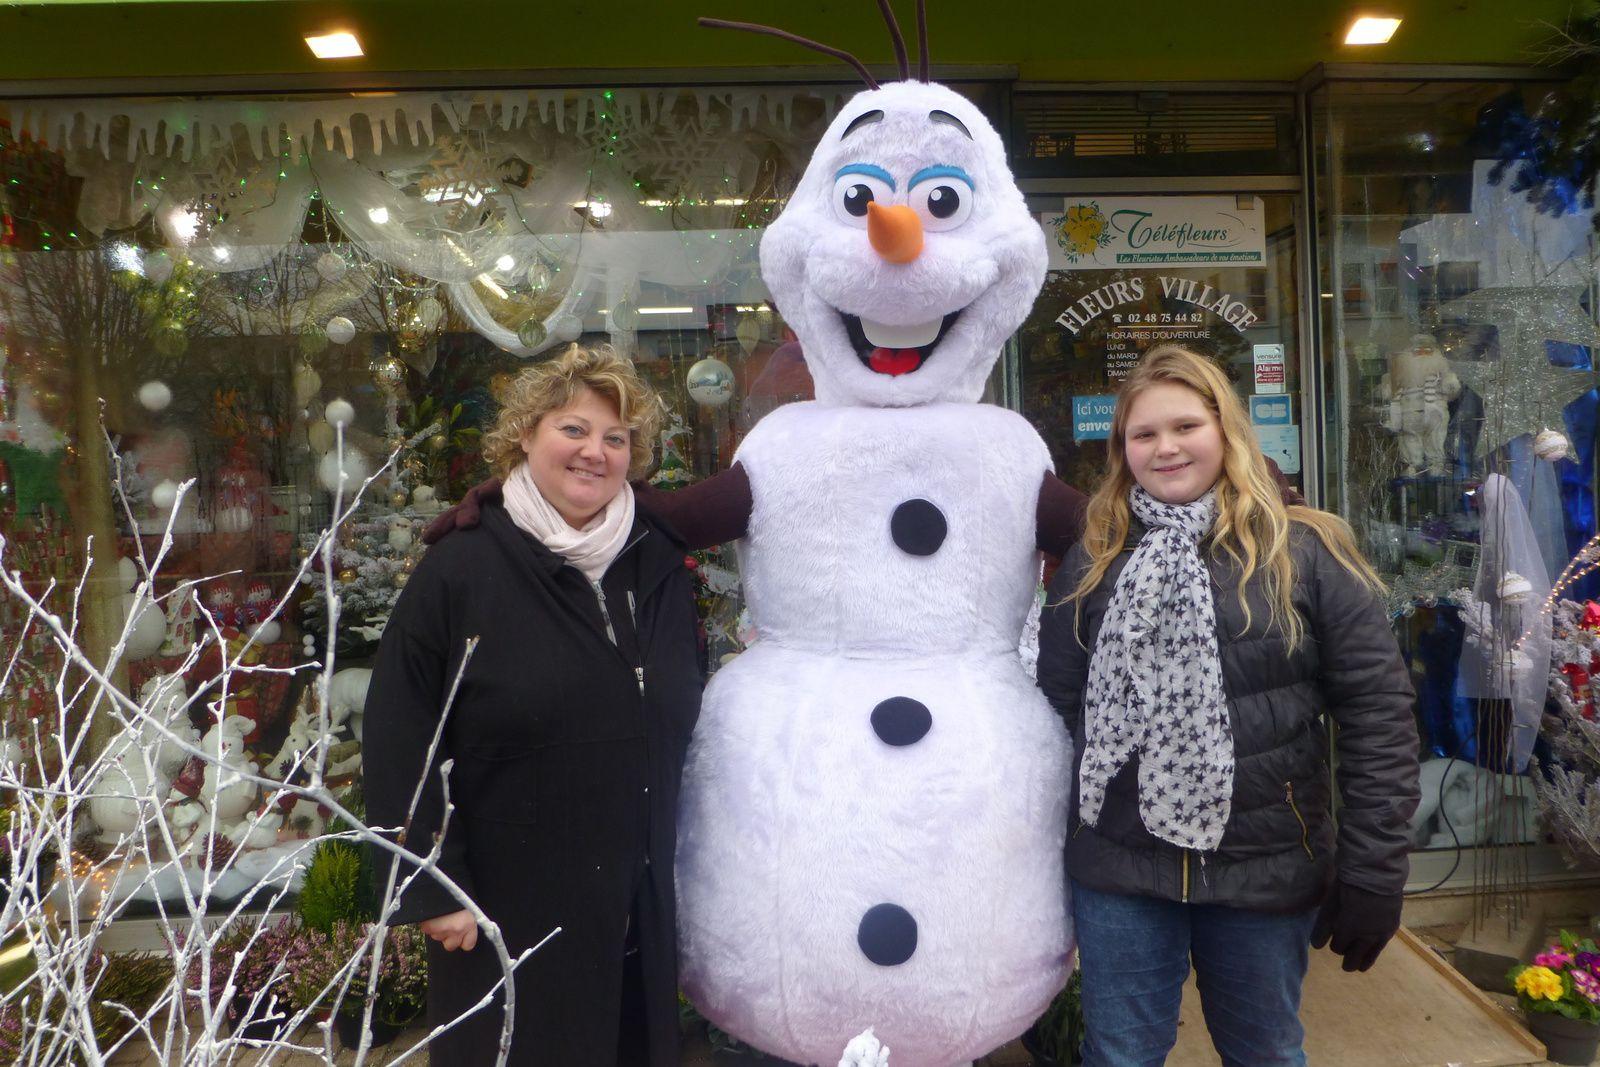 Il fait tellement froid à Vierzon qu'Olaf, le bonhomme de neige de la Reine des neiges a décidé de venir habiter à Vierzon-Villages !